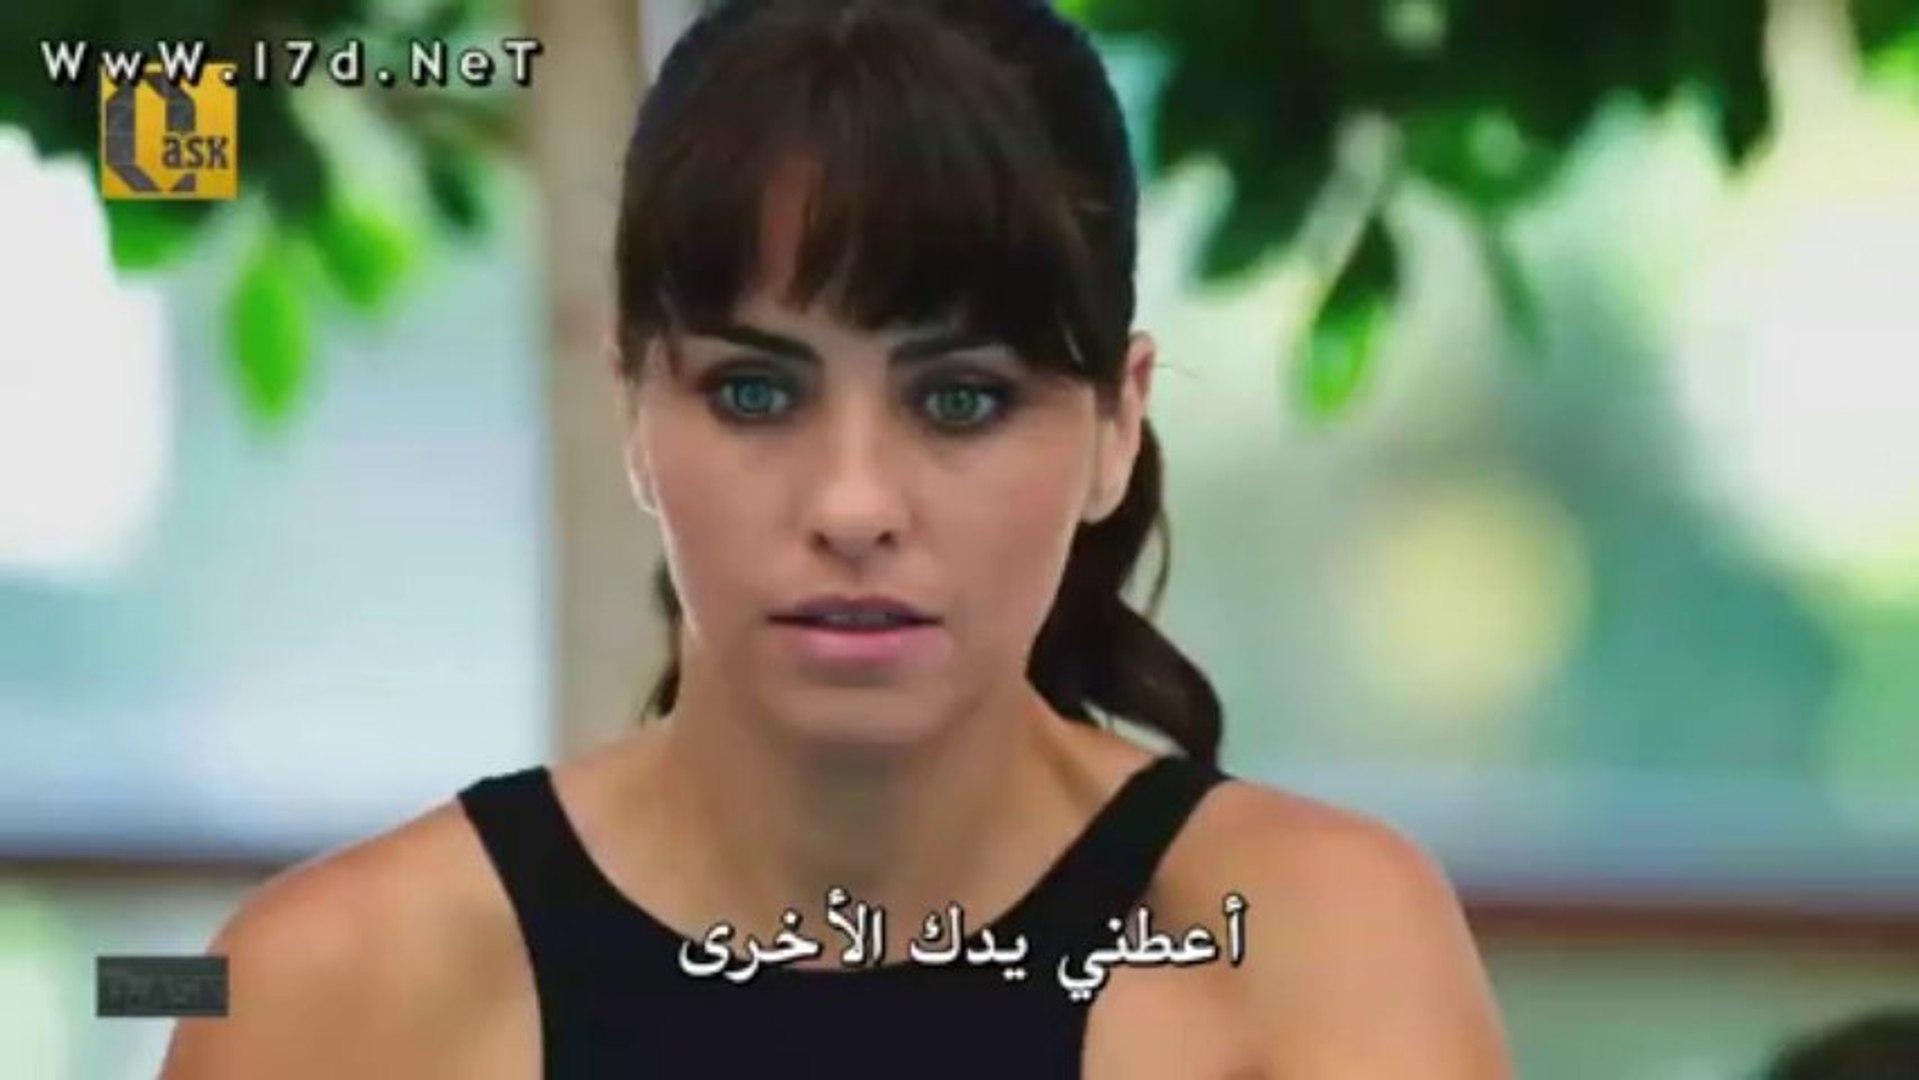 مسلسل العشق الحلقة 1 القسم الاول مترجمة - شاهد دراما